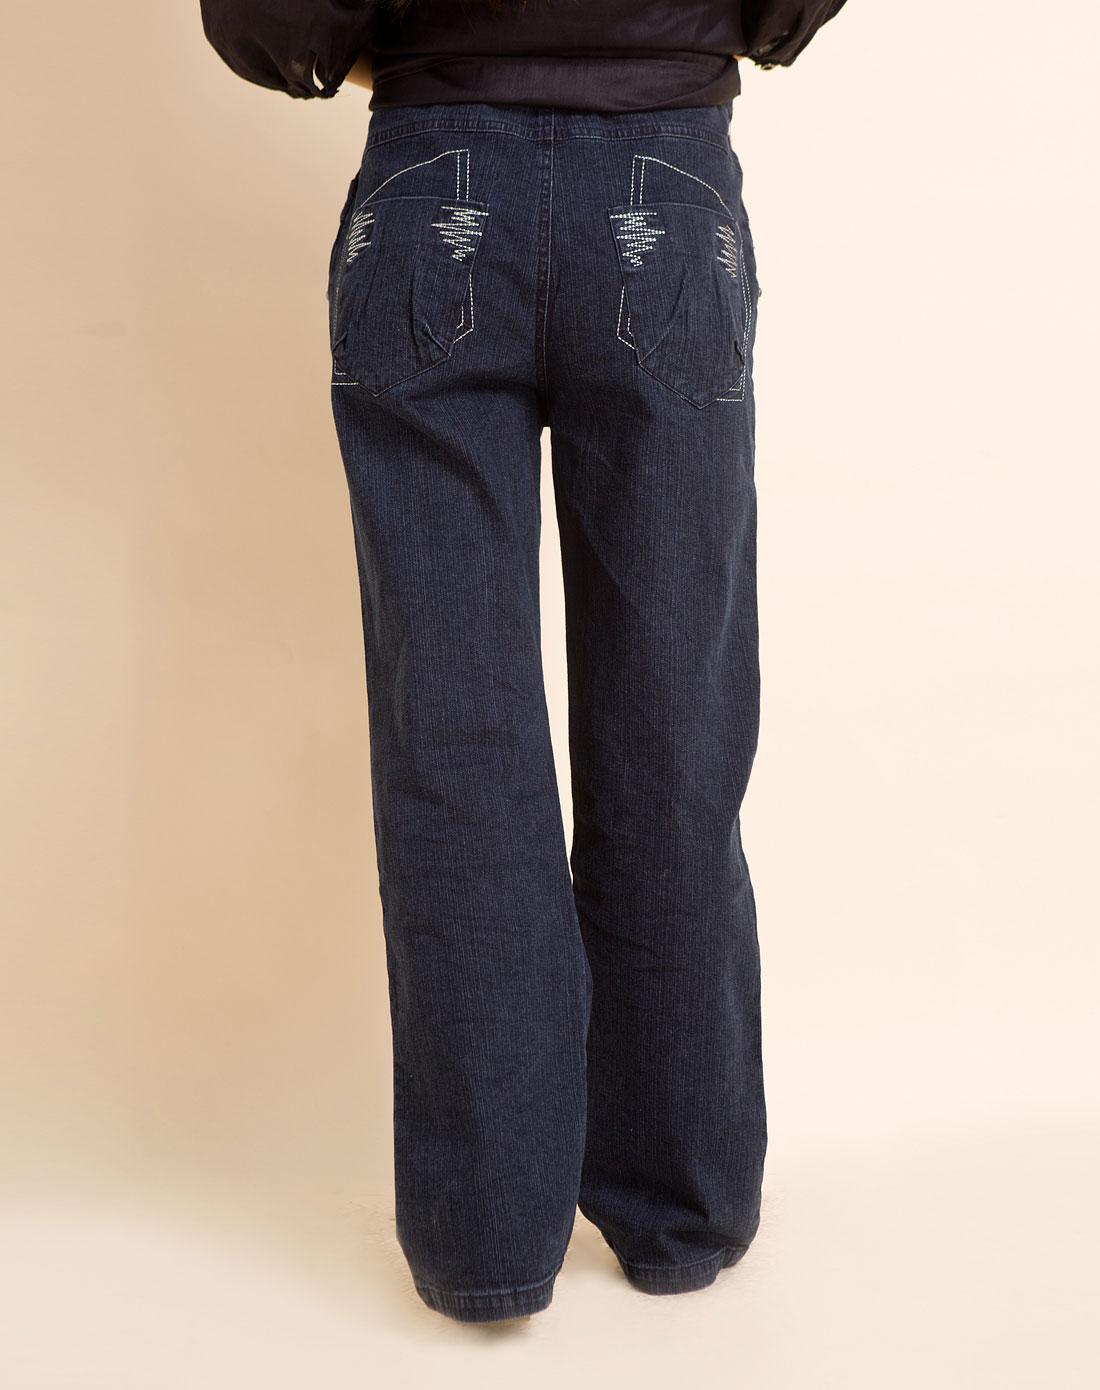 女款标准牛仔色小喇叭牛仔裤